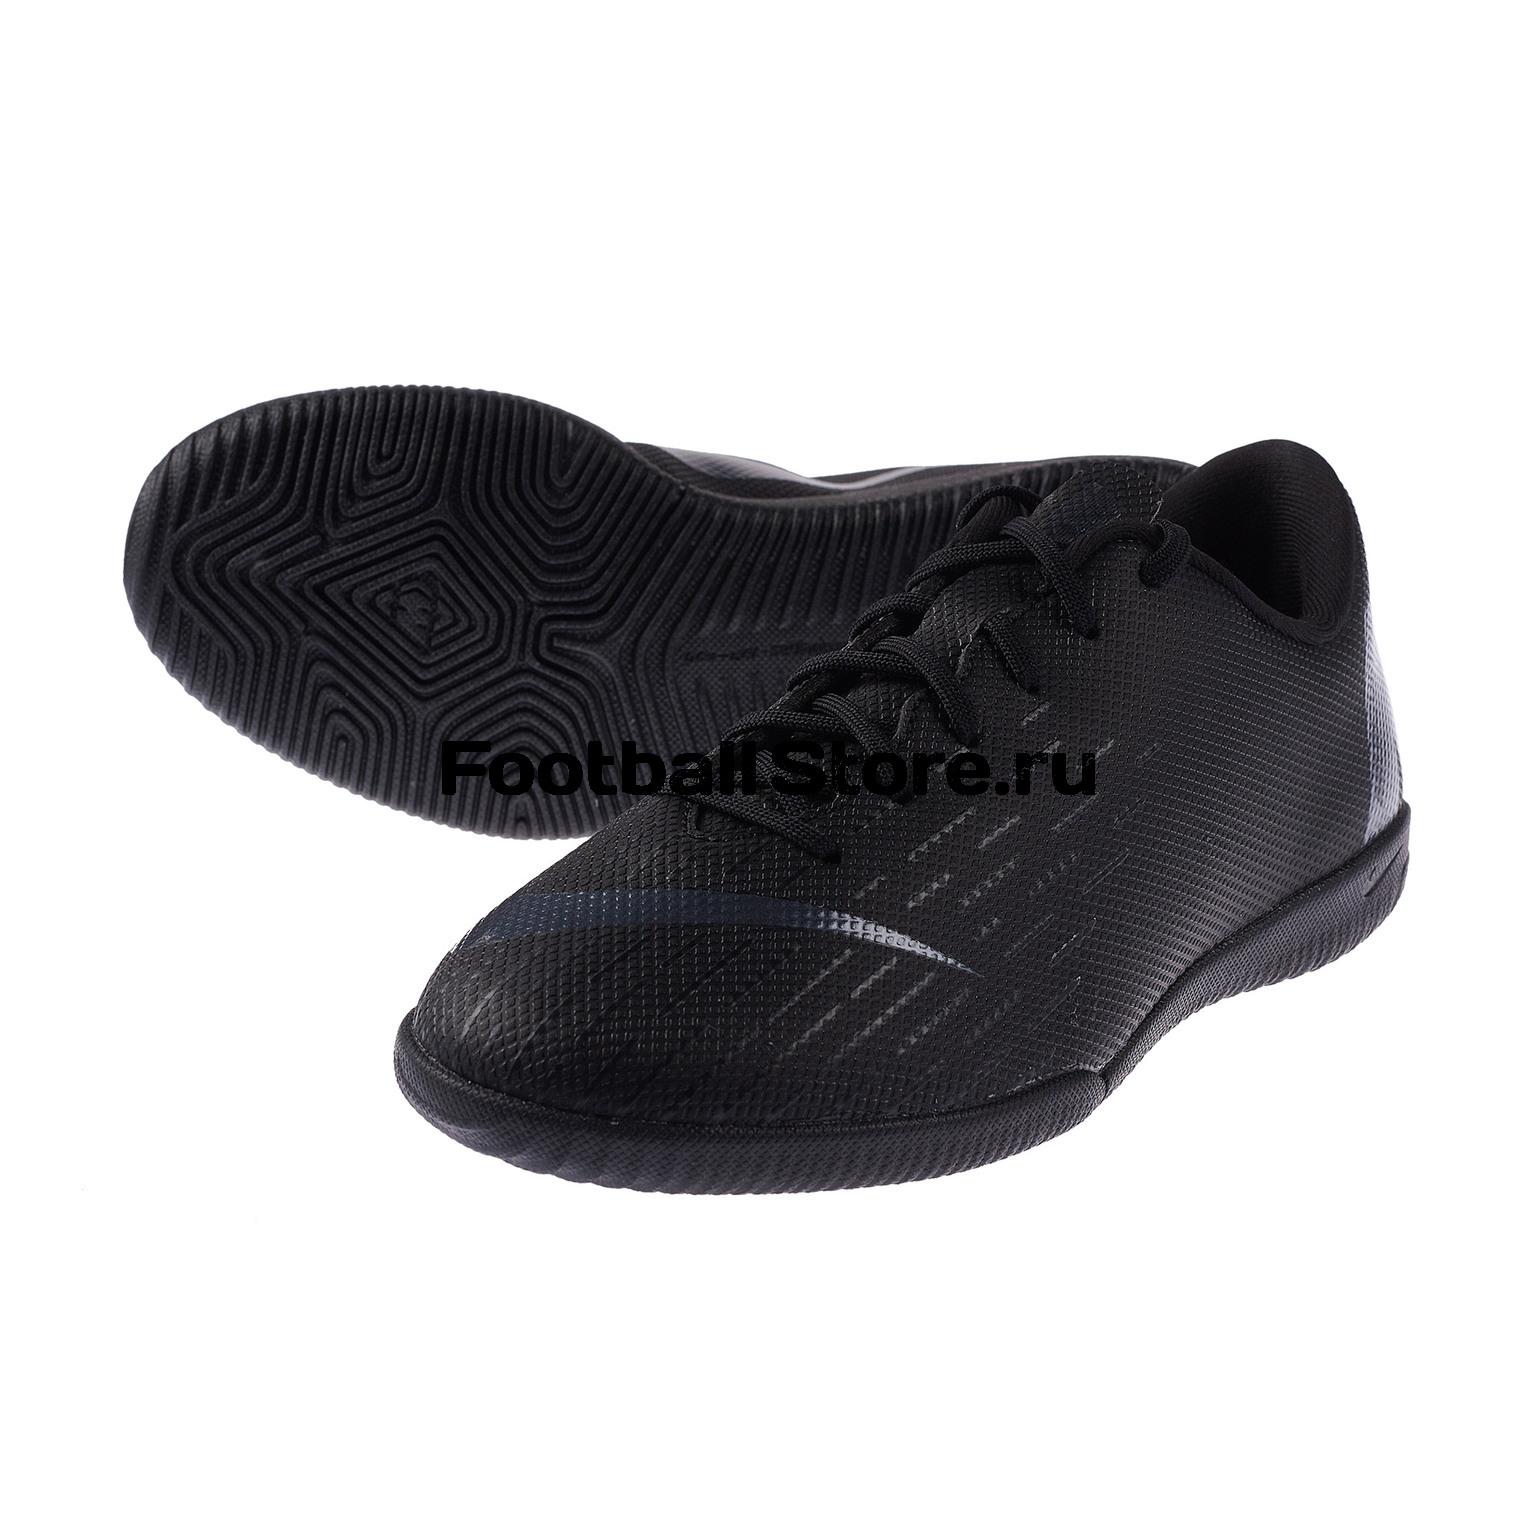 Футзалки детские Nike Vapor 12 Academy GS IC AJ3101-001 цена и фото